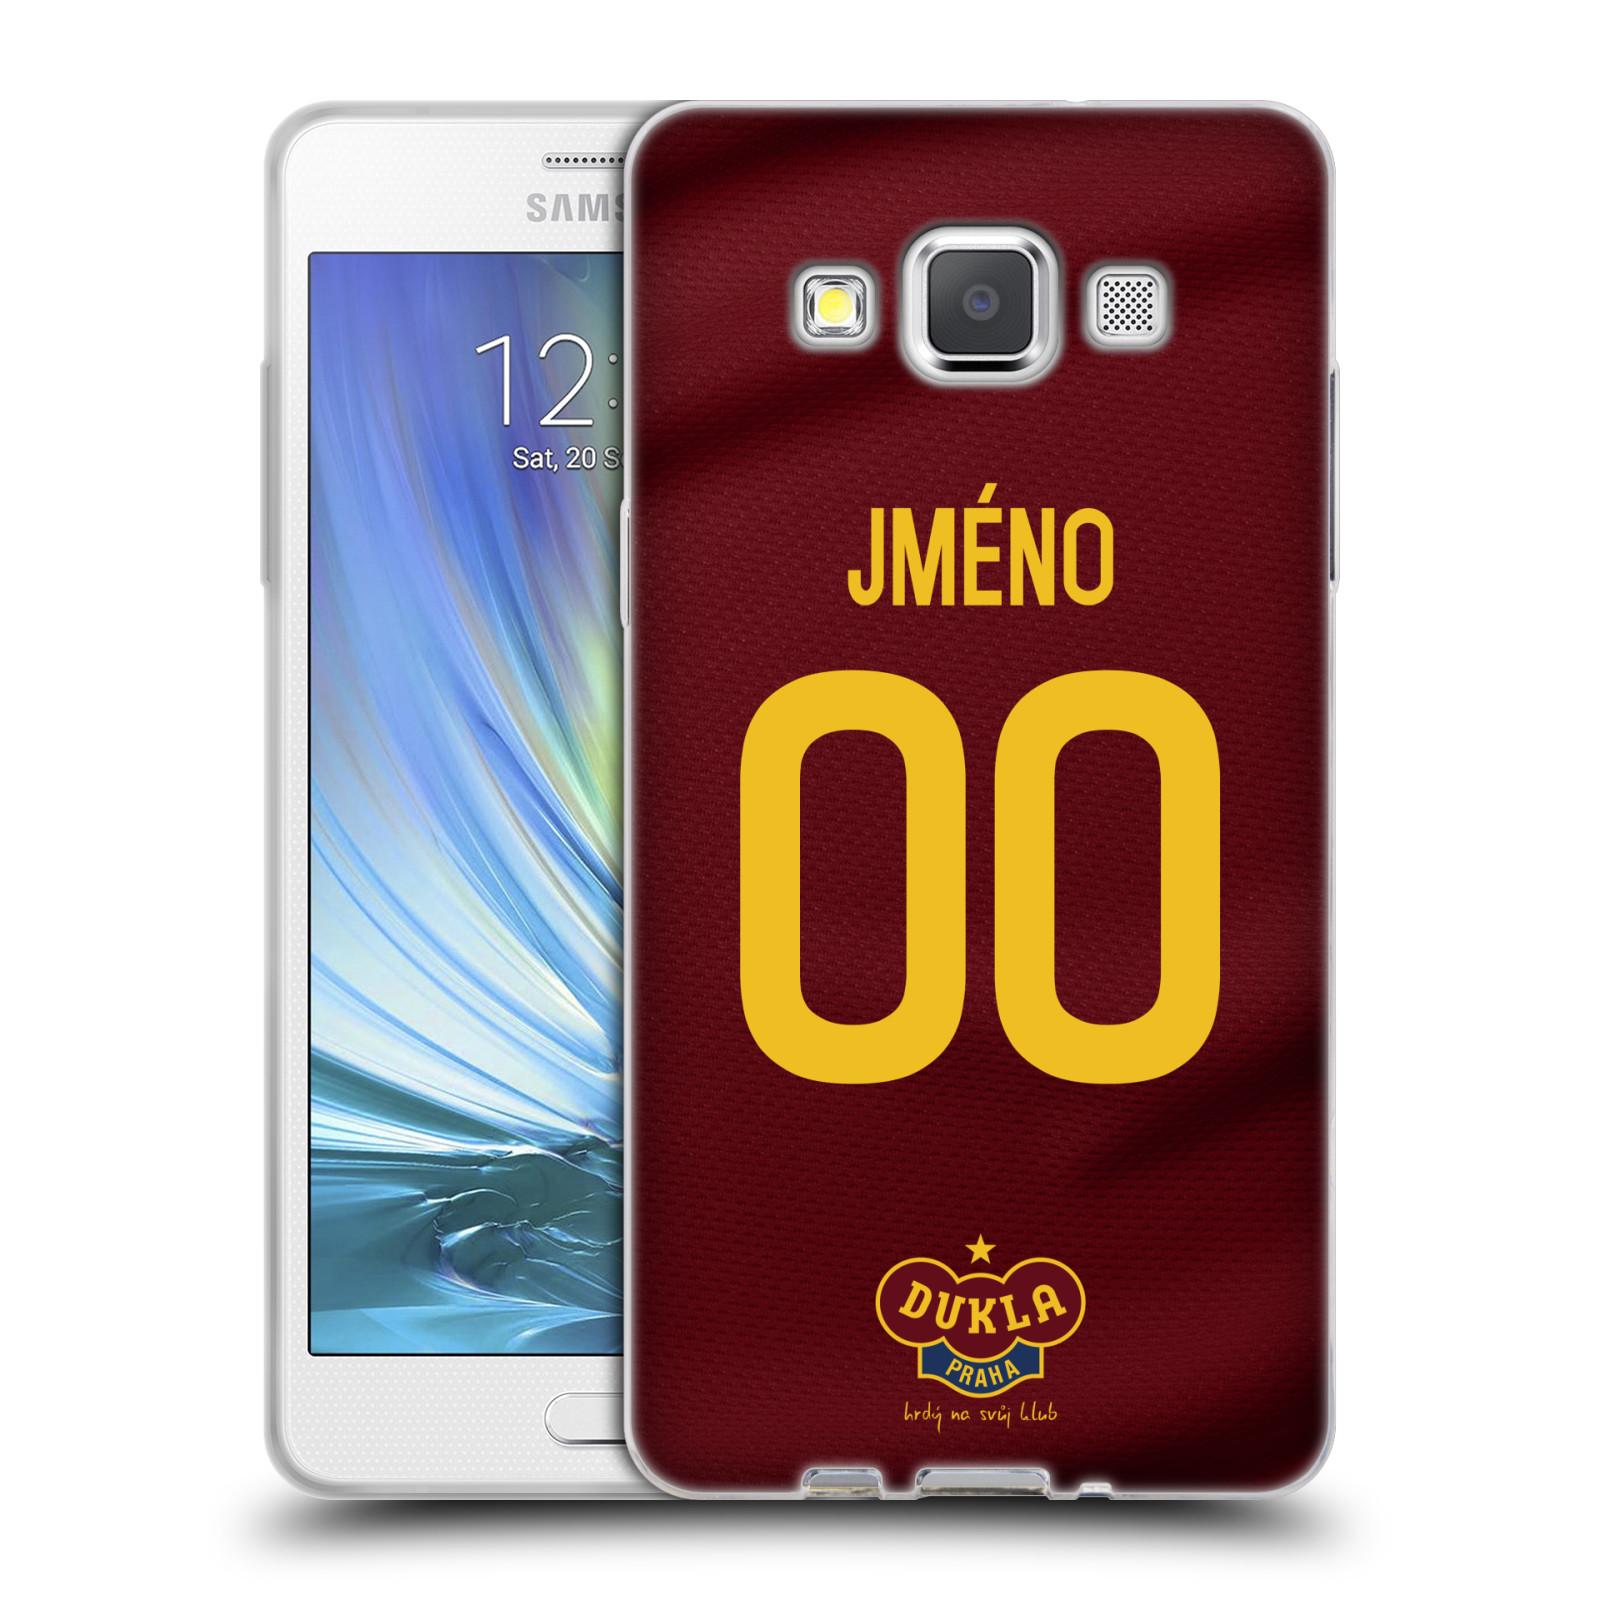 Silikonové pouzdro na mobil Samsung Galaxy A5 - FK Dukla Praha - dres s vlastním jménem a číslem